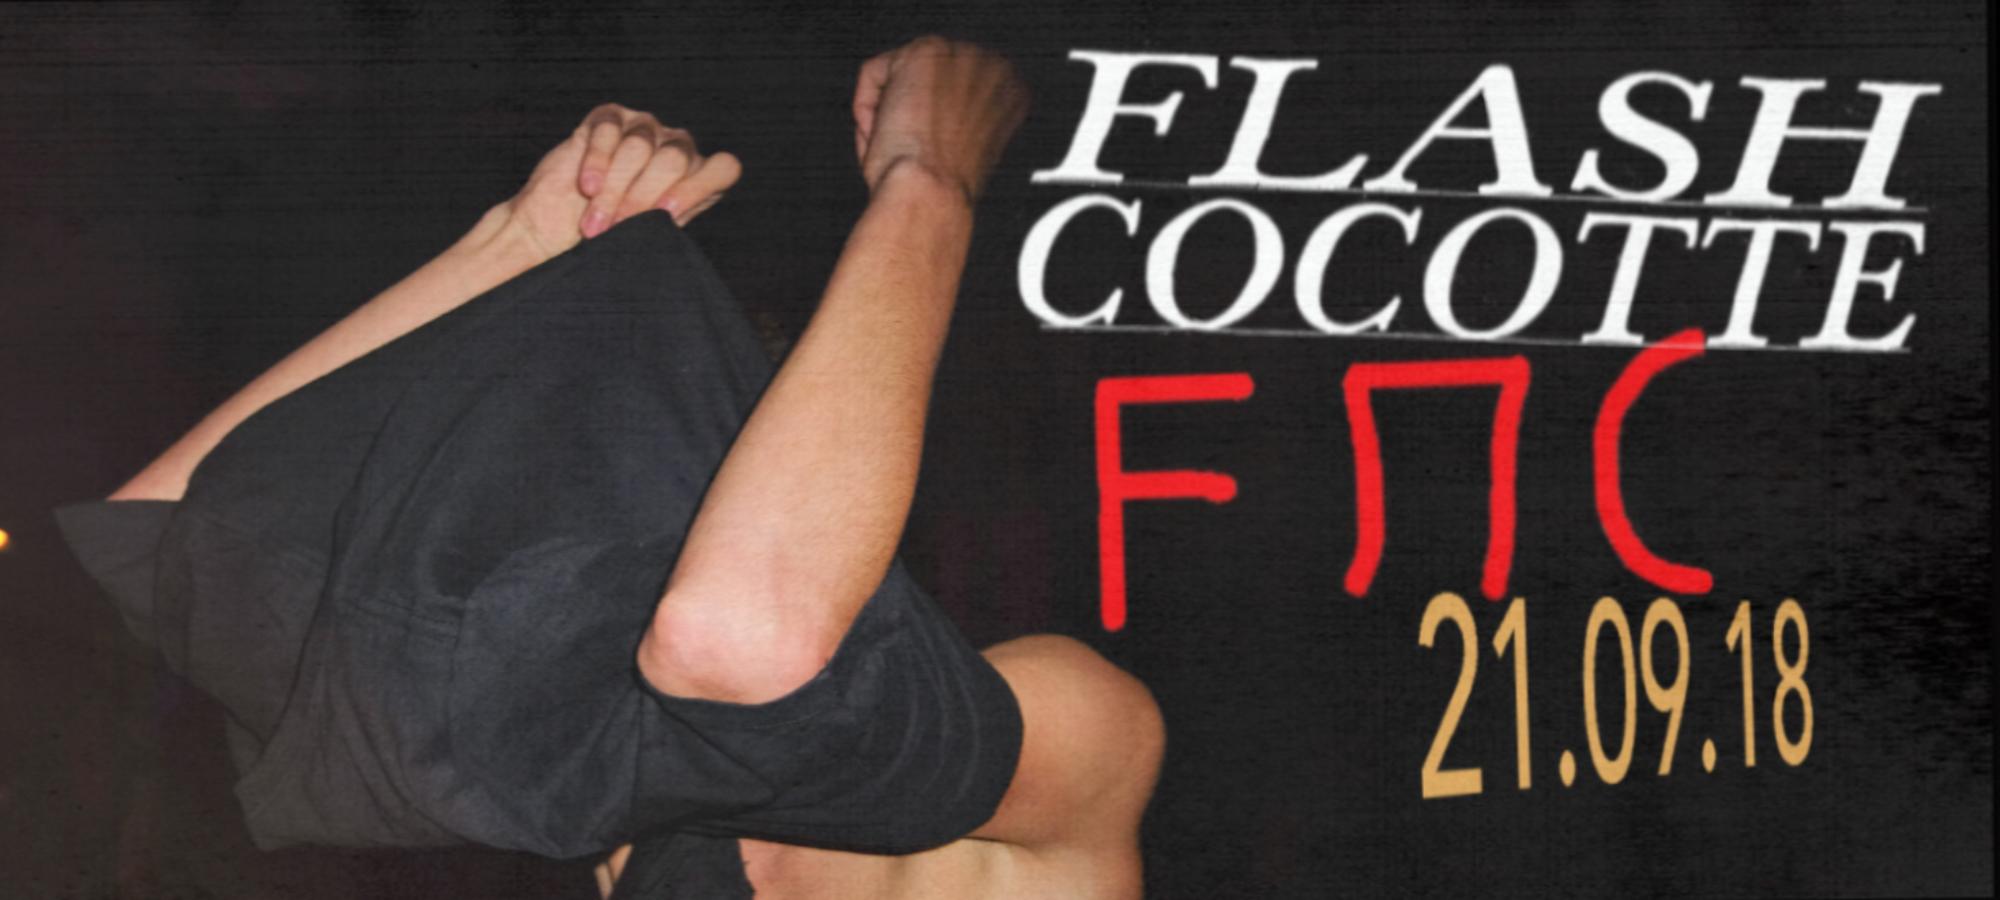 Flash Cocotte X Fusion Mes Couilles